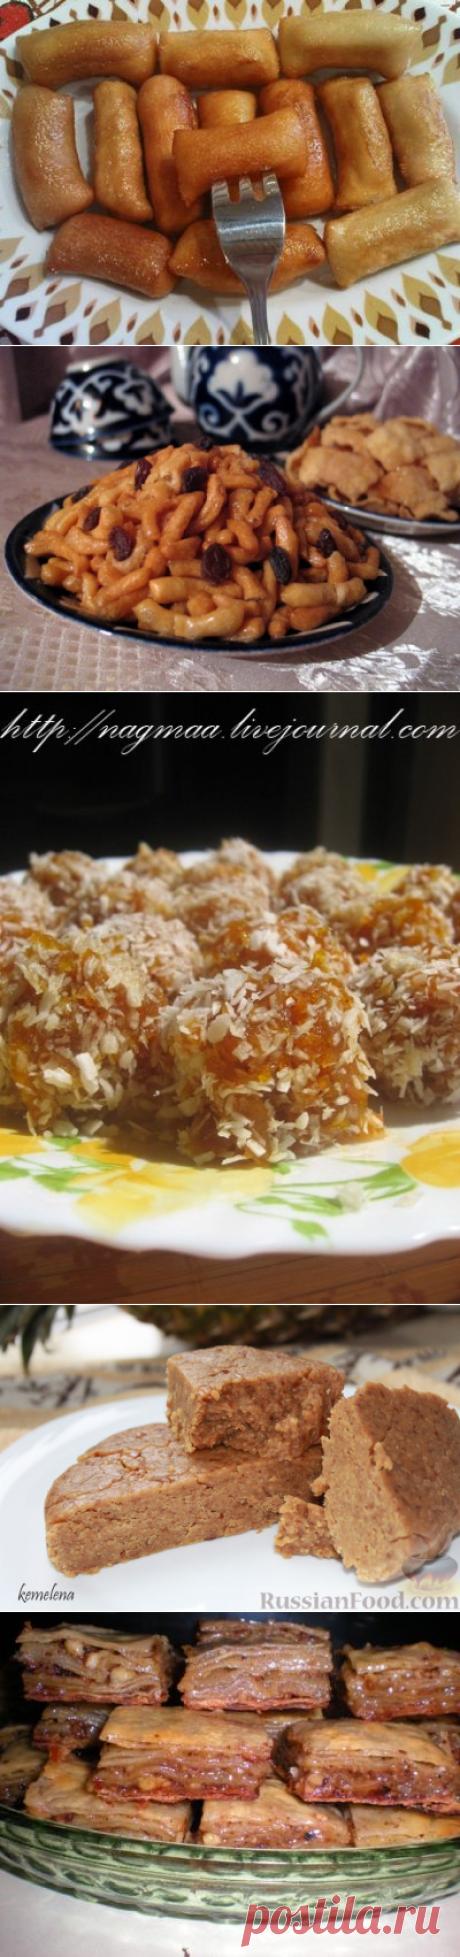 рецепты восточных сладостей